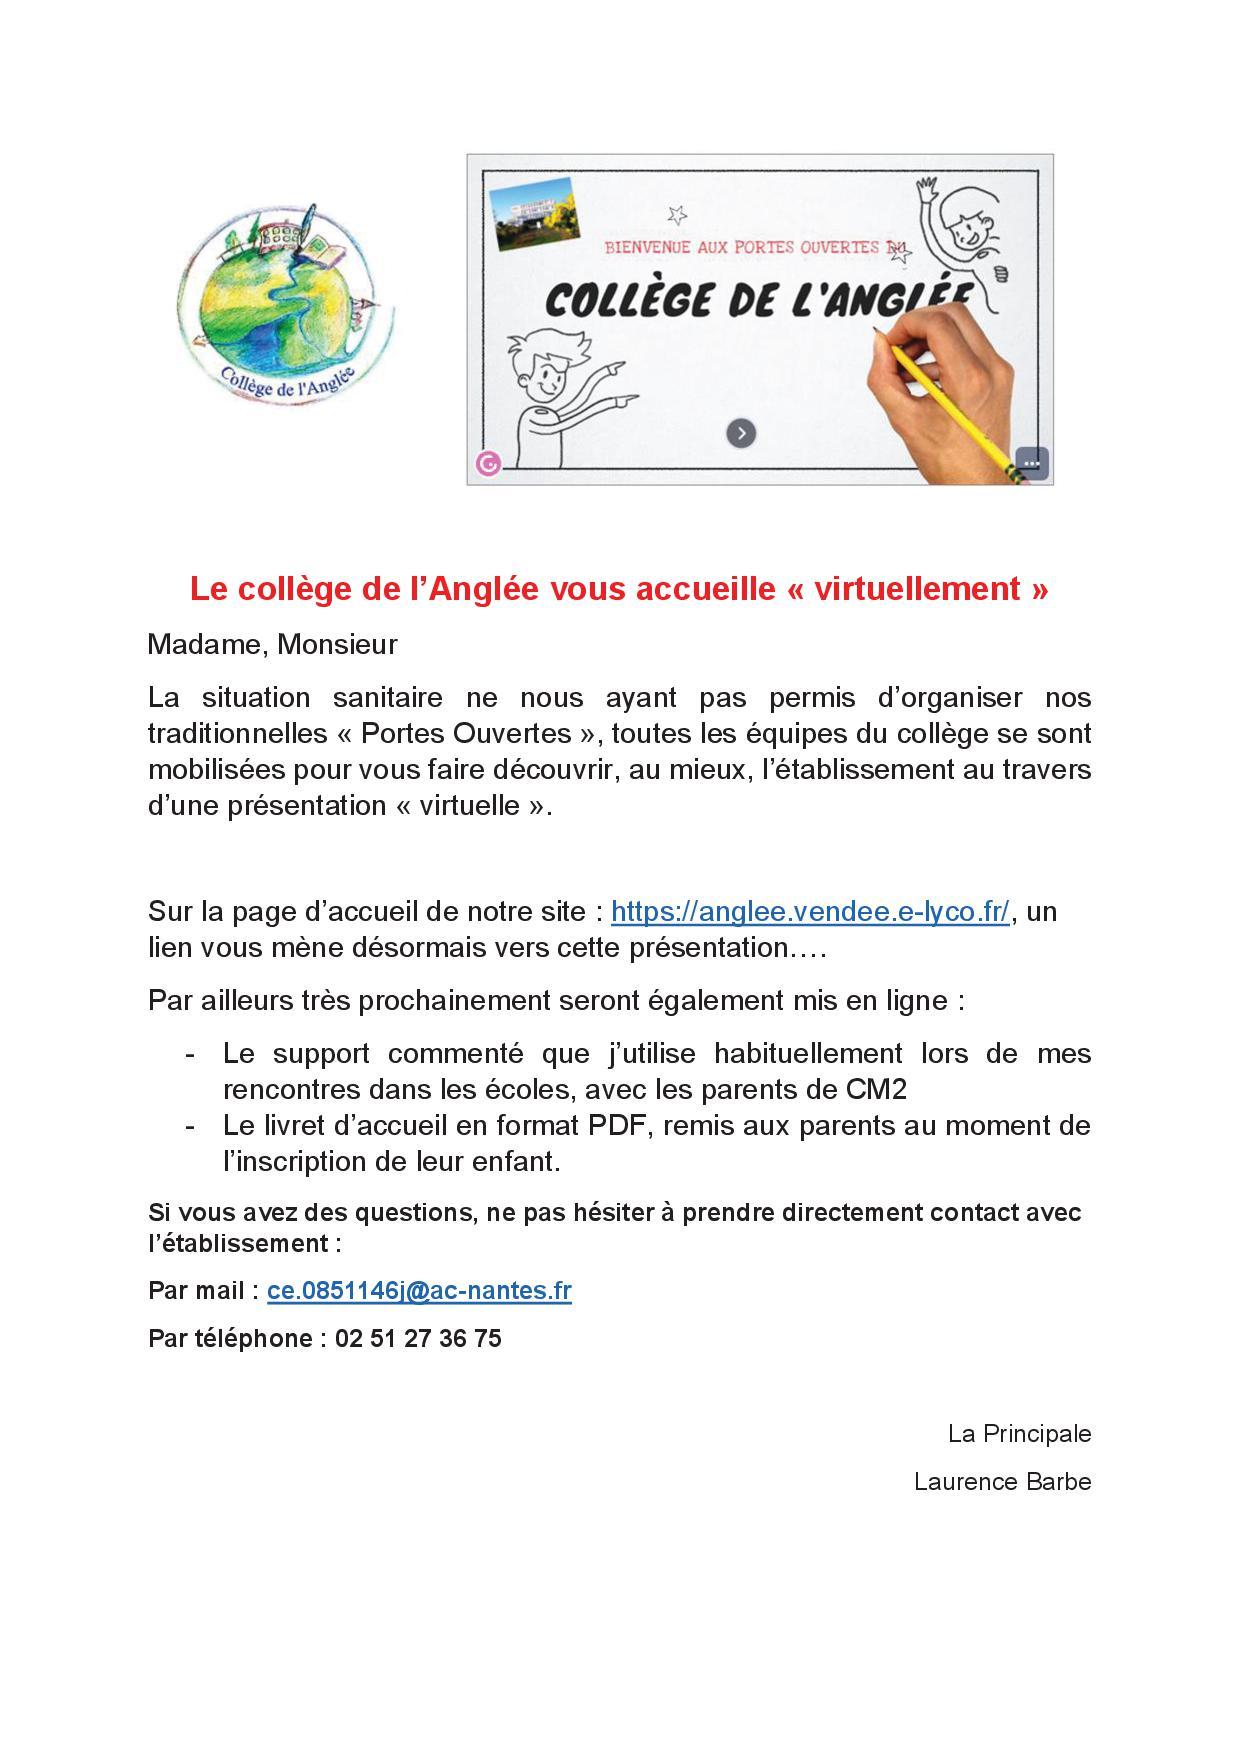 """Le Collège de l'Anglée vous accueille """"virtuellement"""""""